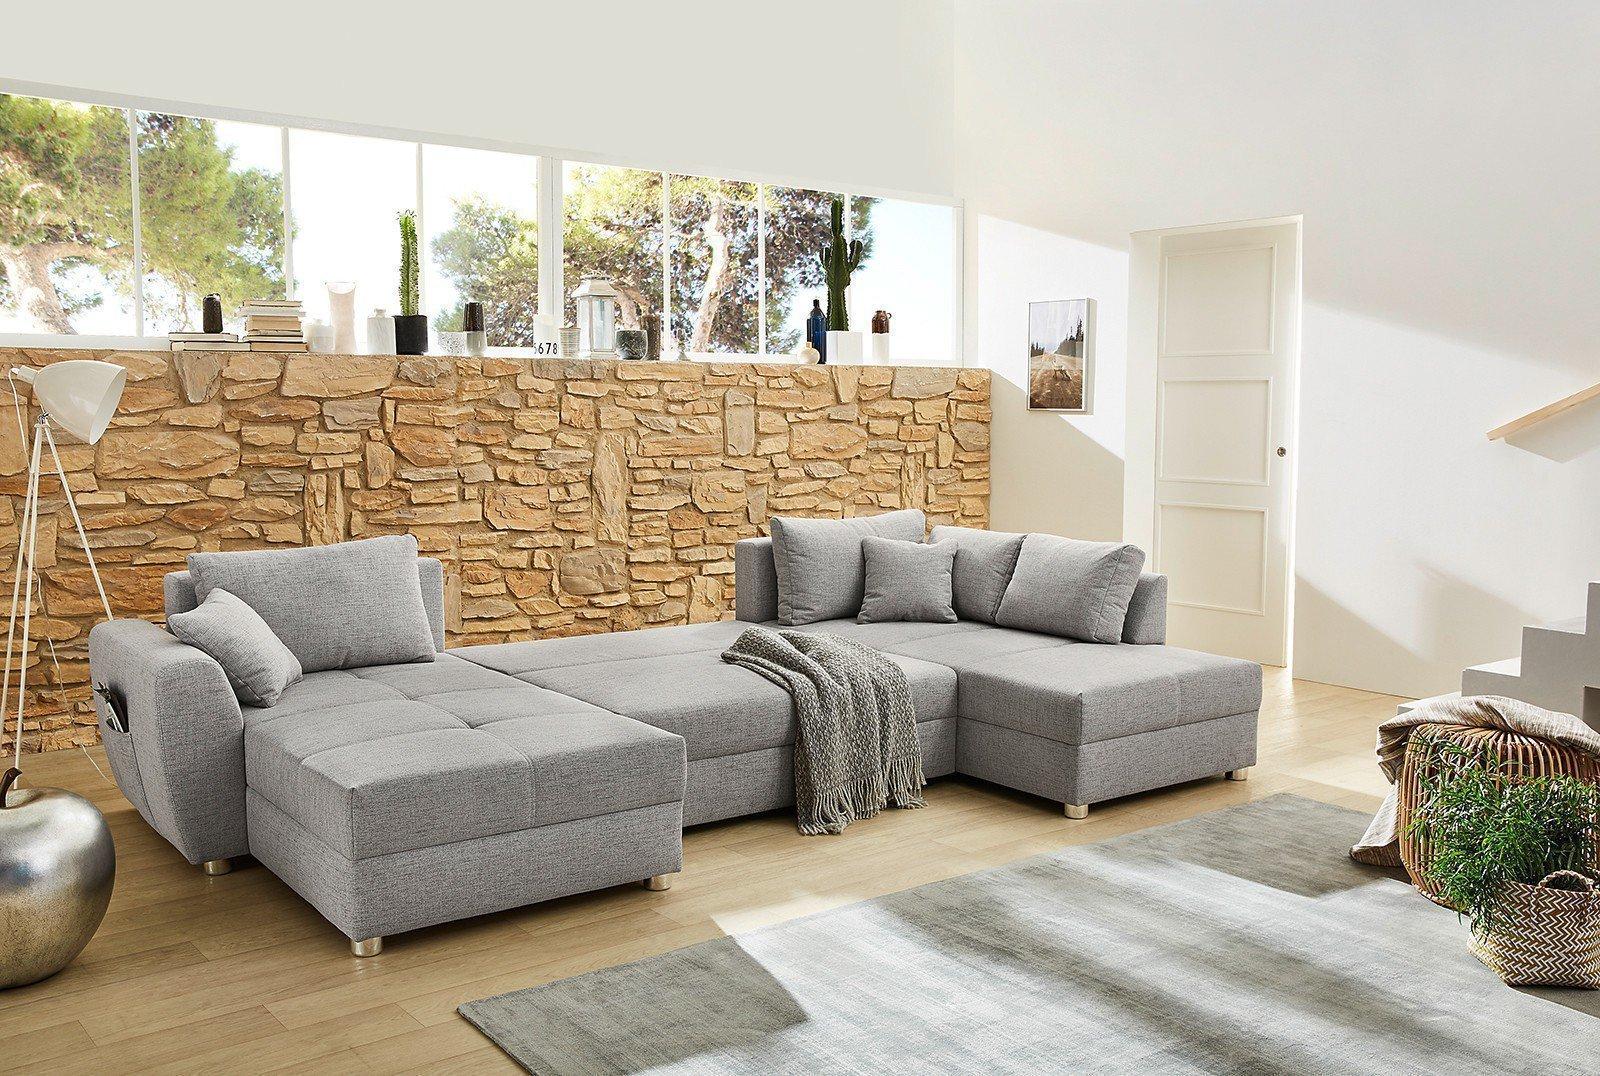 polstermbel sebnitz ungewhnlich polstermbel das beste thema geschwister bschel kg voigtsdorf. Black Bedroom Furniture Sets. Home Design Ideas